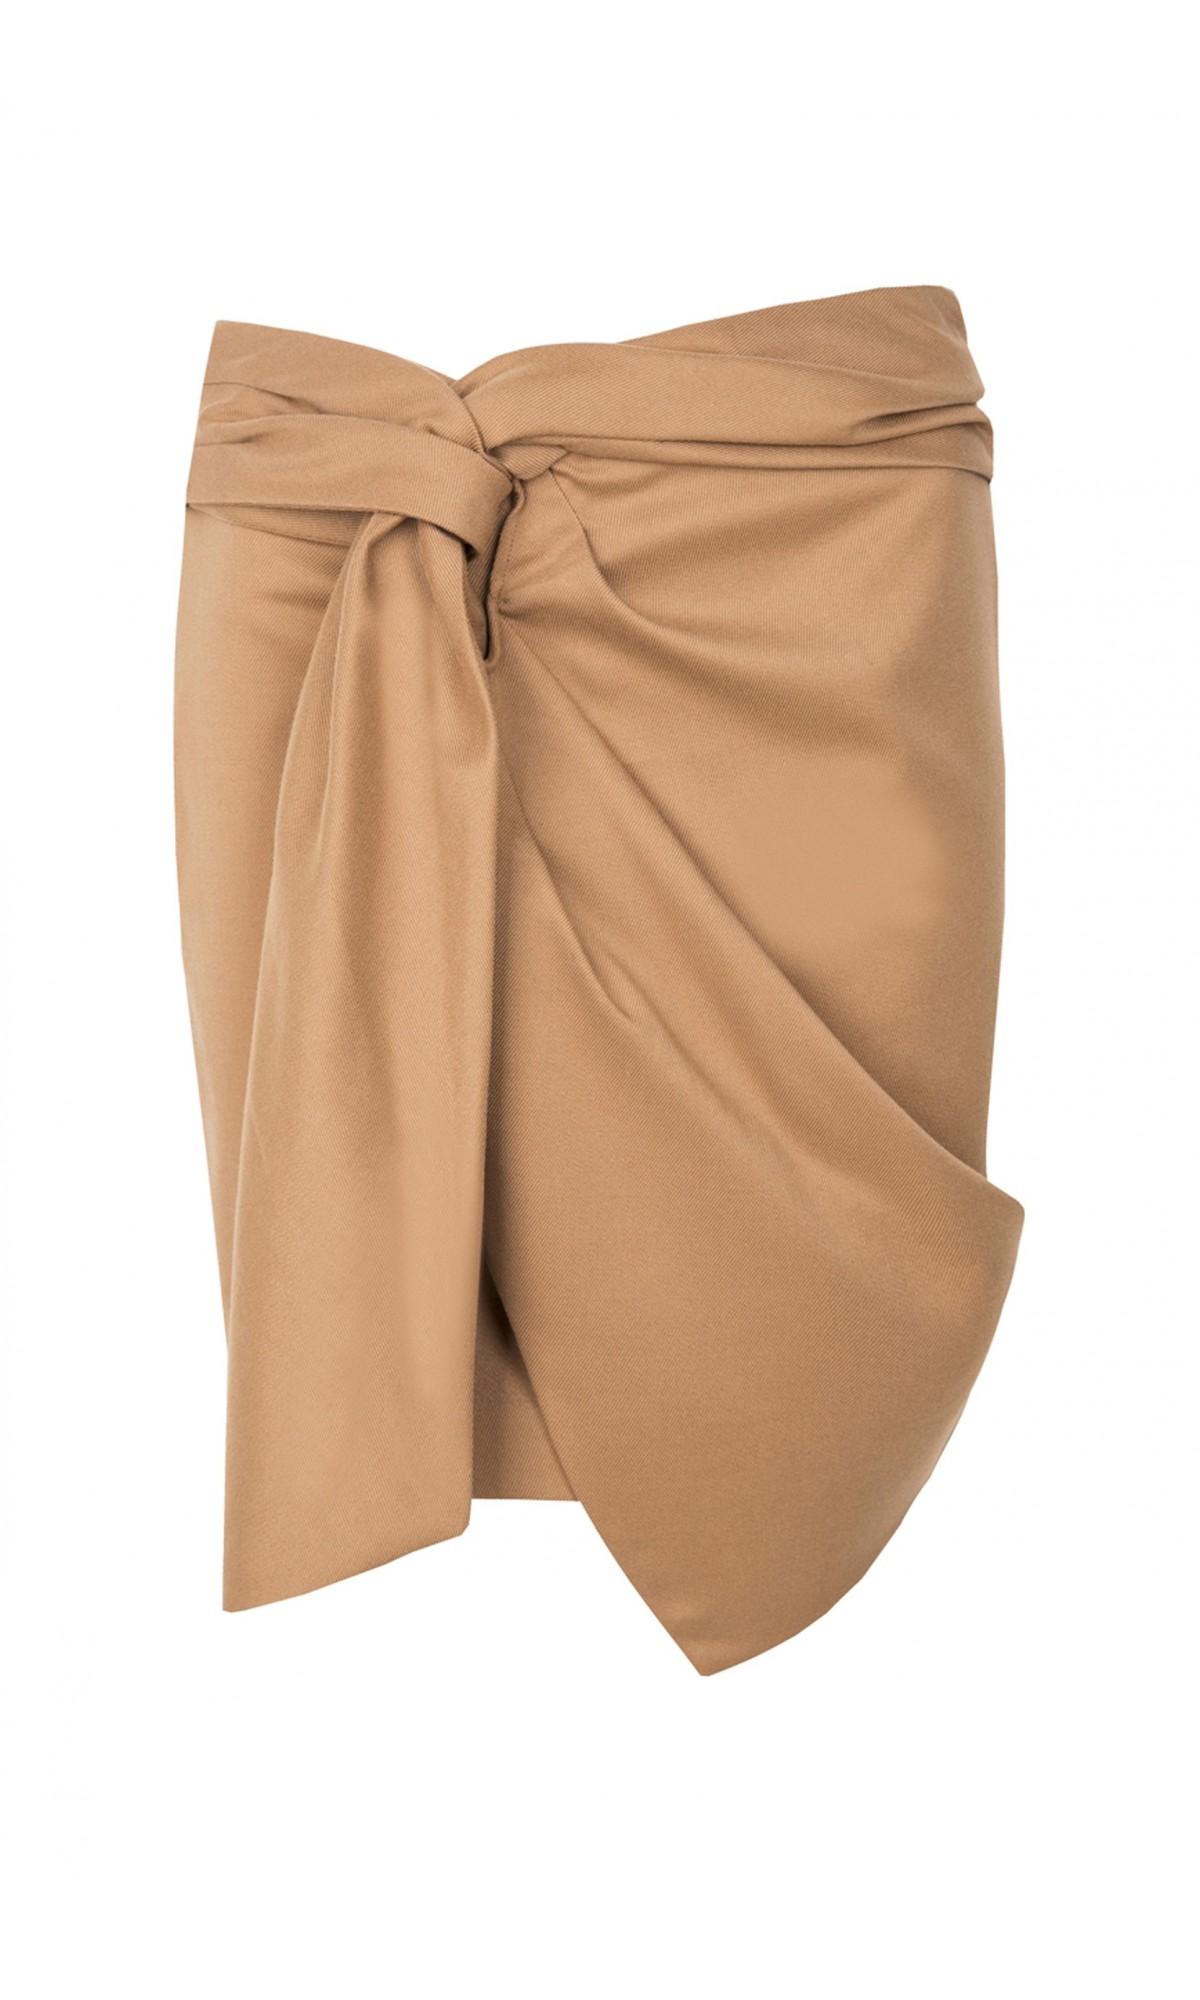 Spódnica z wiązaniem, w kolorze kamelowym